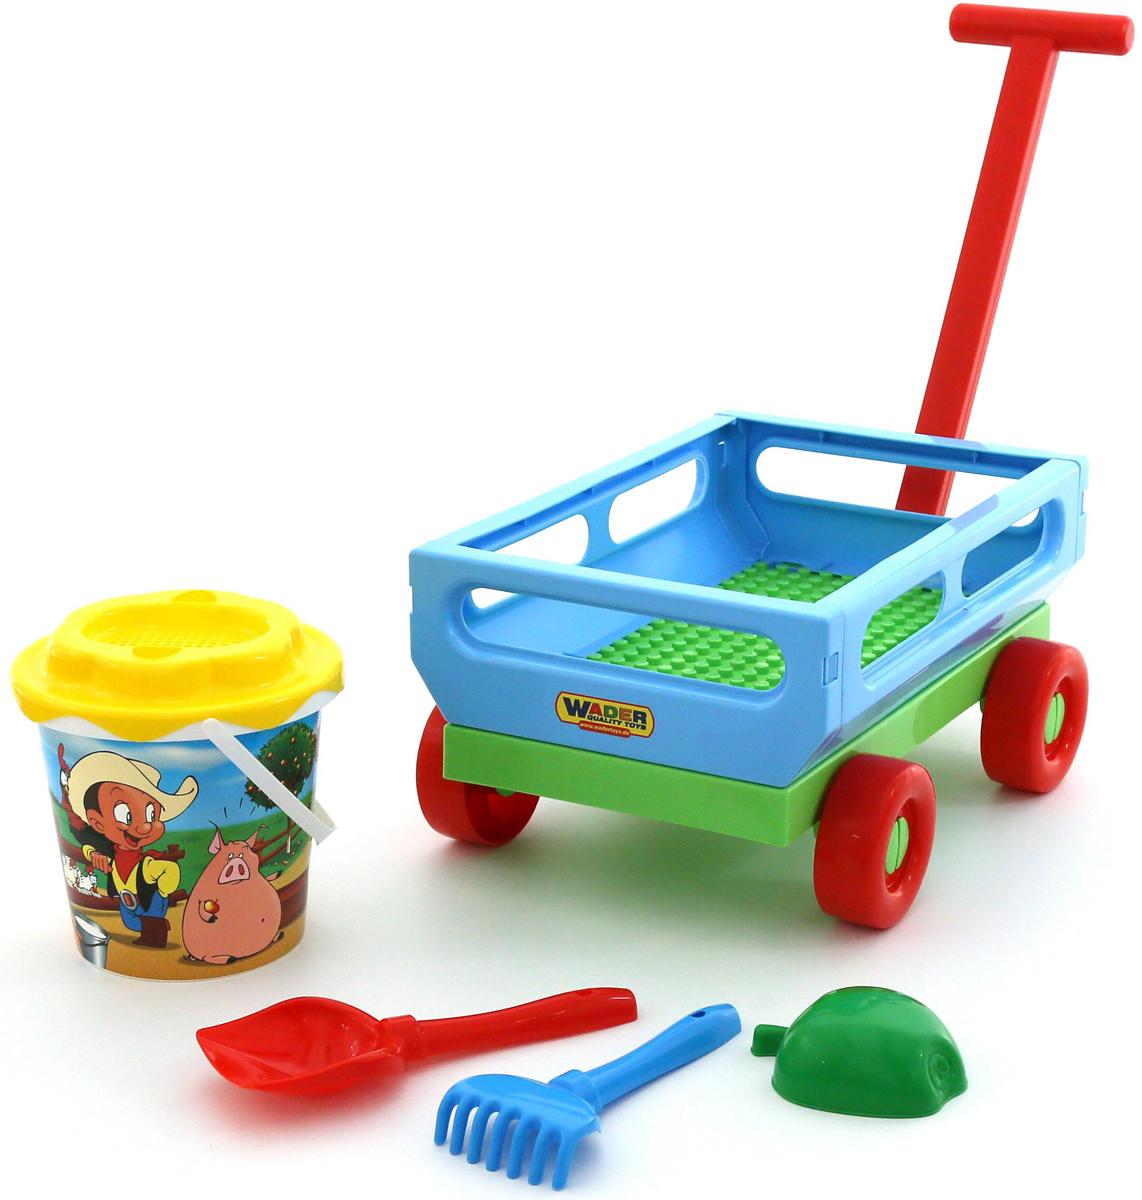 Полесье Набор игрушек для песочницы №420, цвет в ассортименте